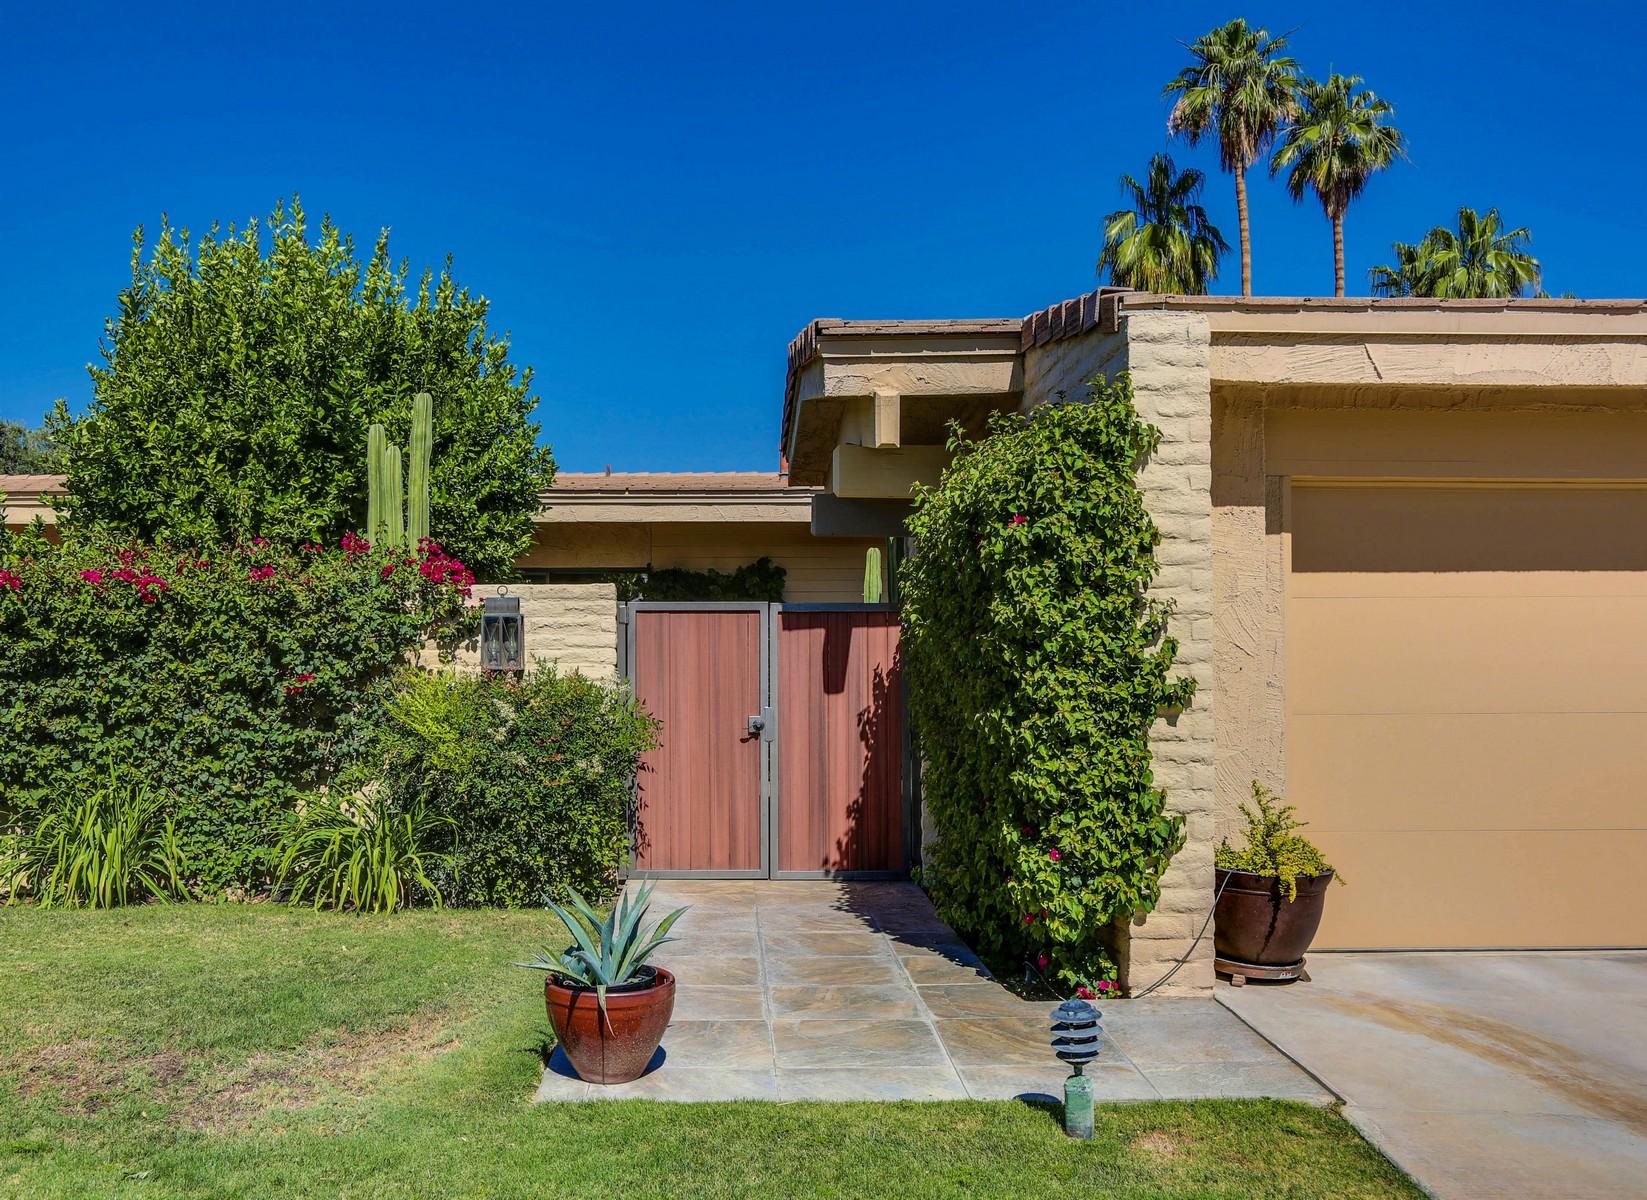 独户住宅 为 销售 在 44837 Oro Grande Circle Indian Wells, 加利福尼亚州, 92210 美国